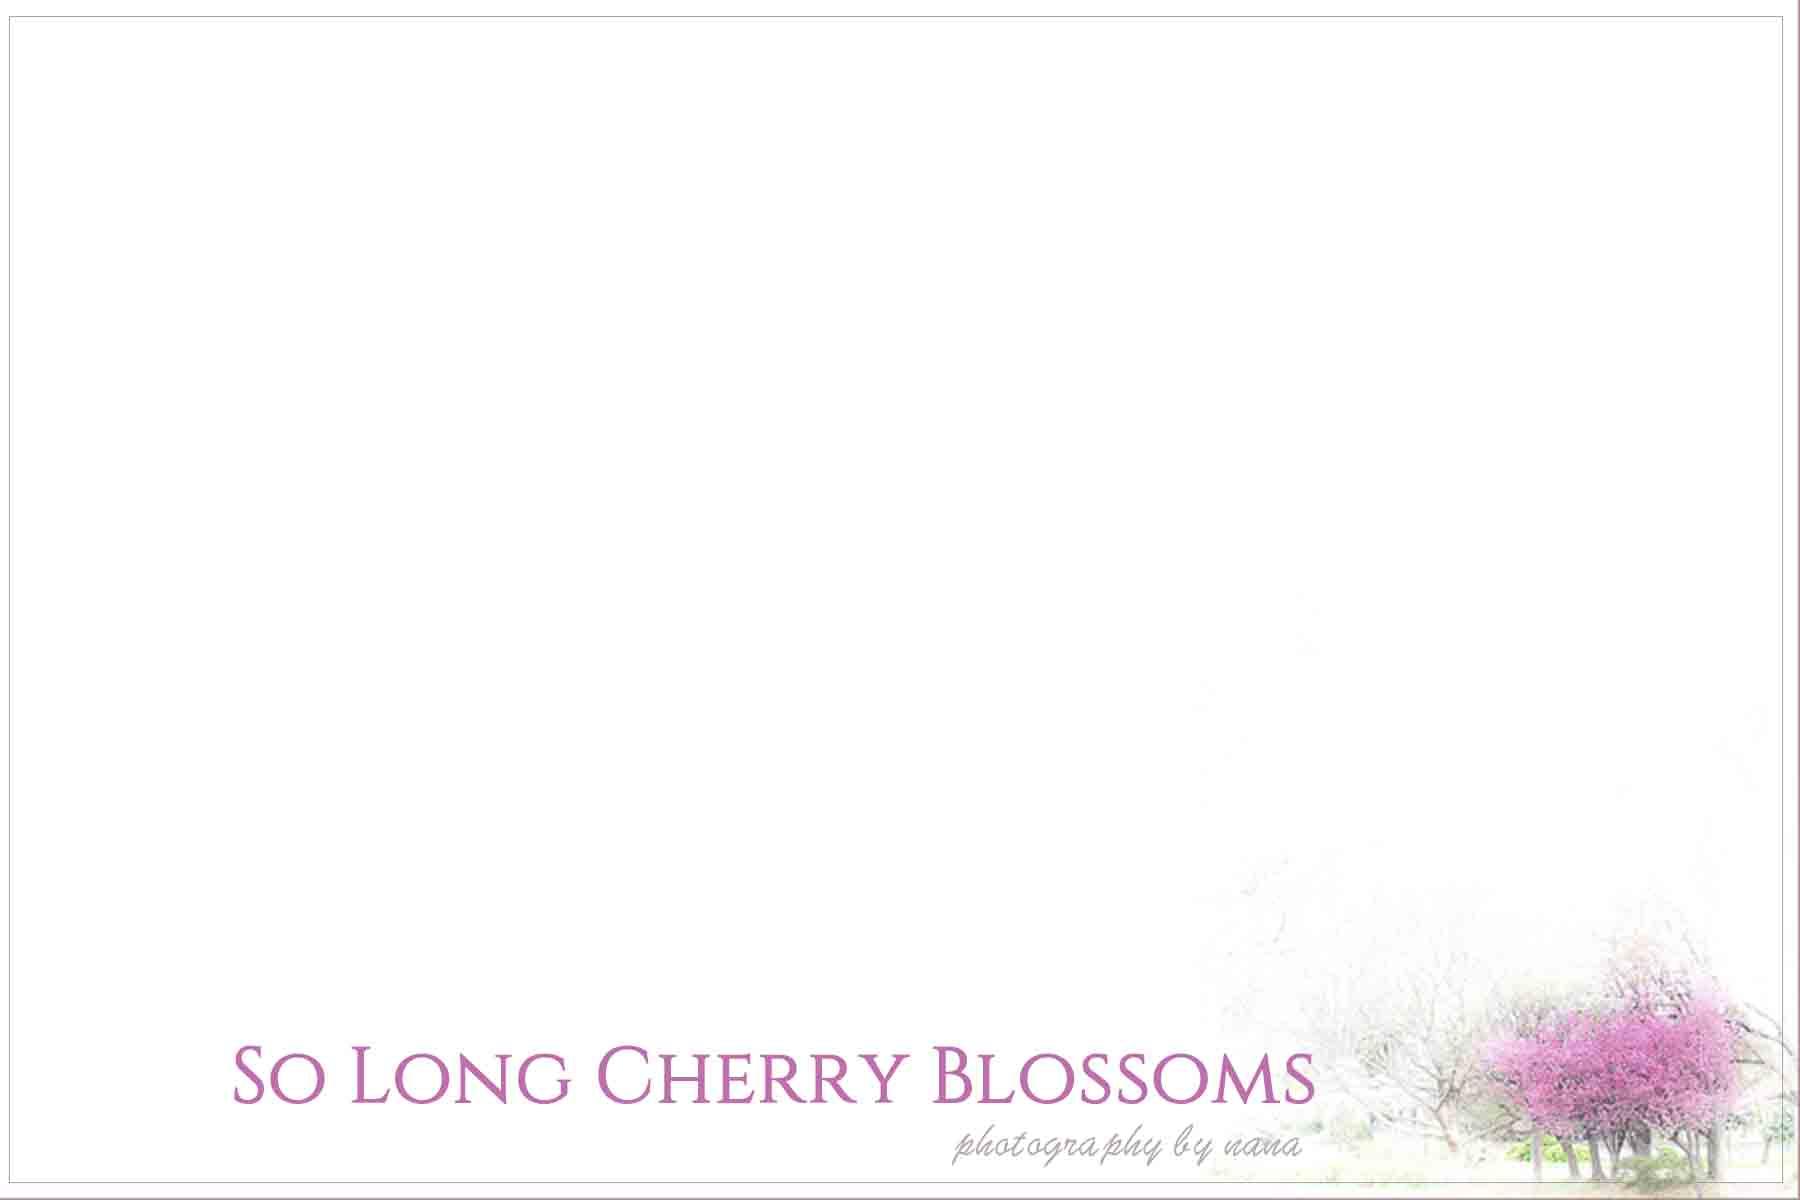 桜散る1のコピー